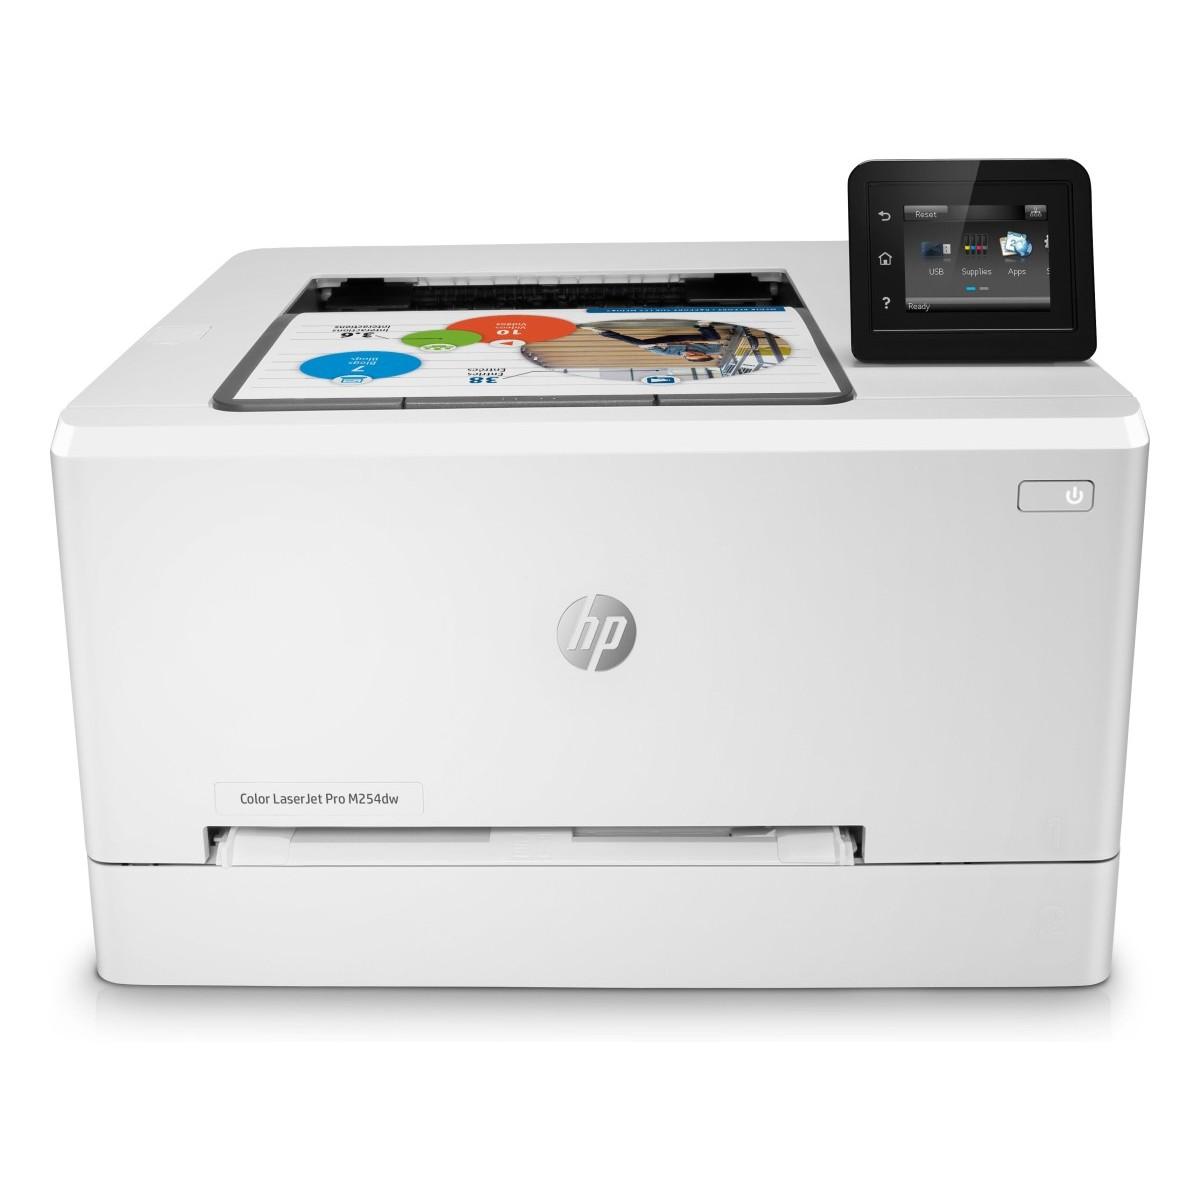 Obrázok produktu HP Color LaserJet Pro M254dw